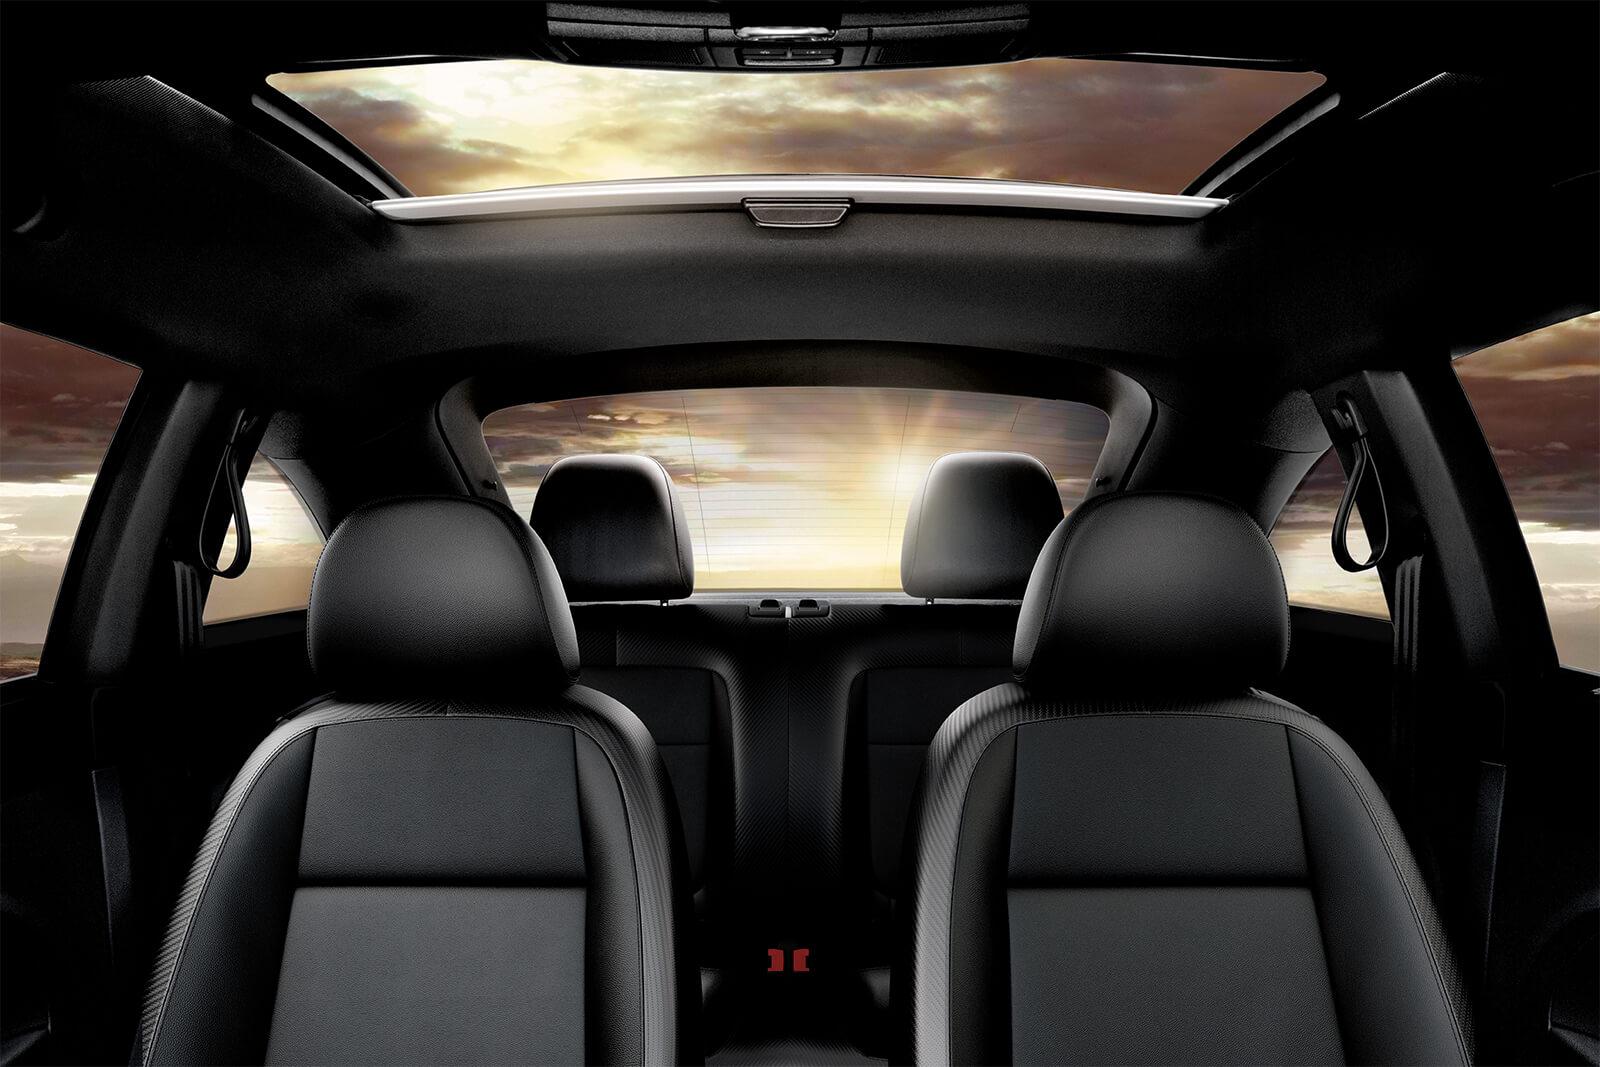 Interior of the 2019 Volkswagen Beetle